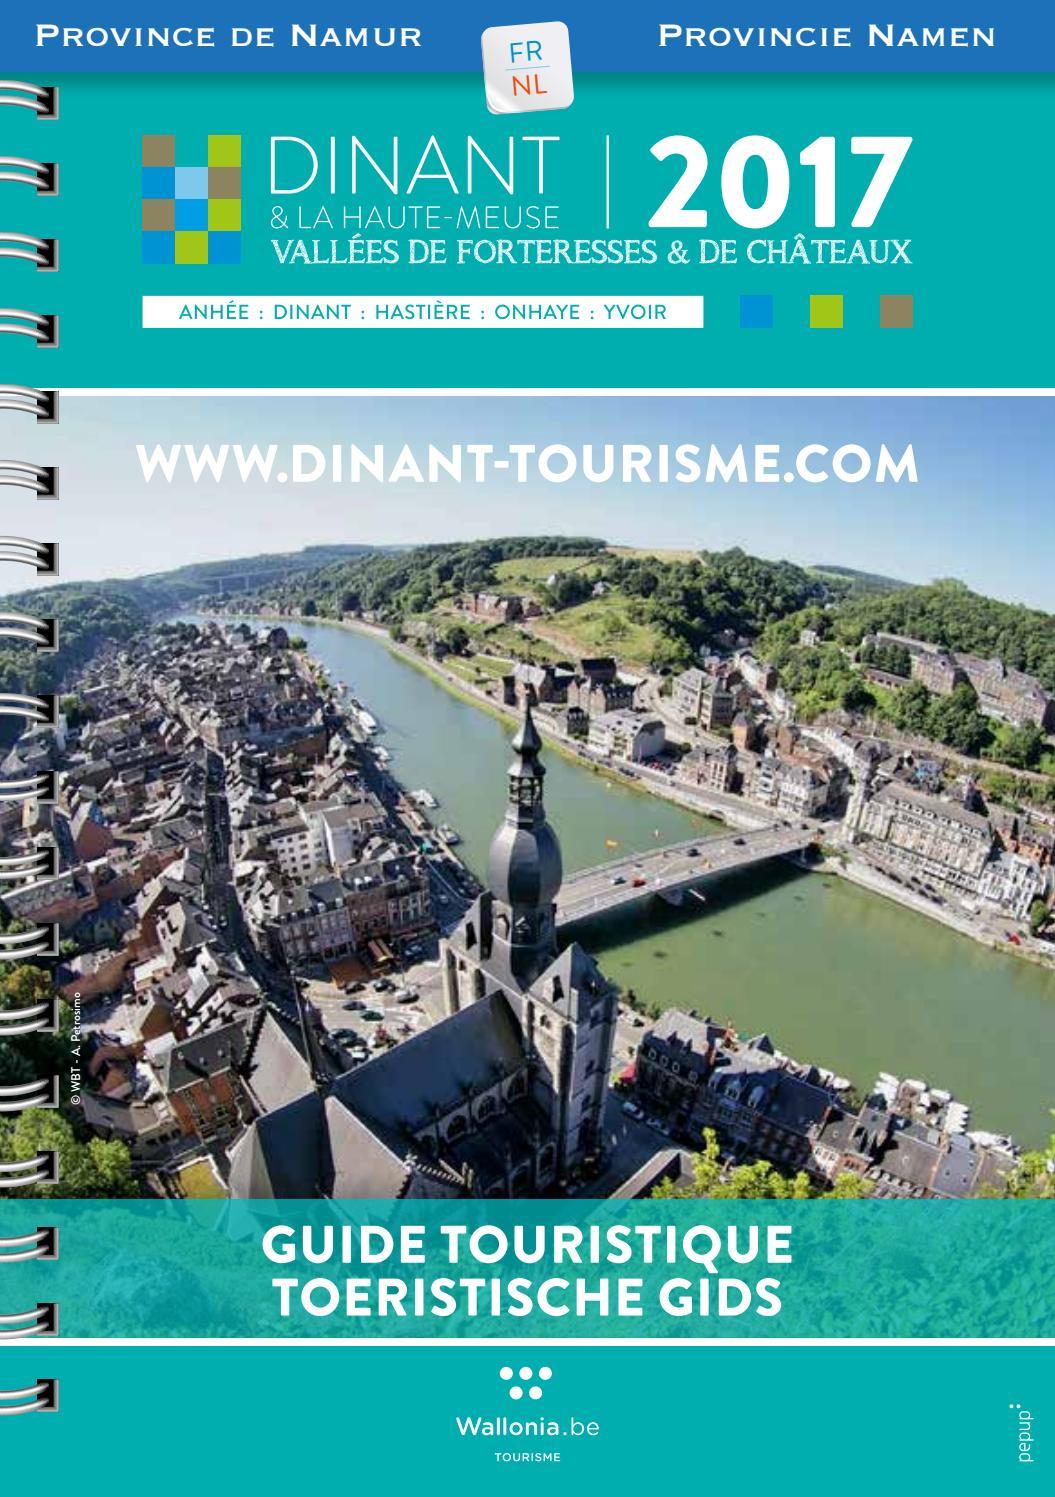 Guide touristique dinant et la haute meuse by maison du tourisme vall e de la meuse namur - Office du tourisme dinant ...